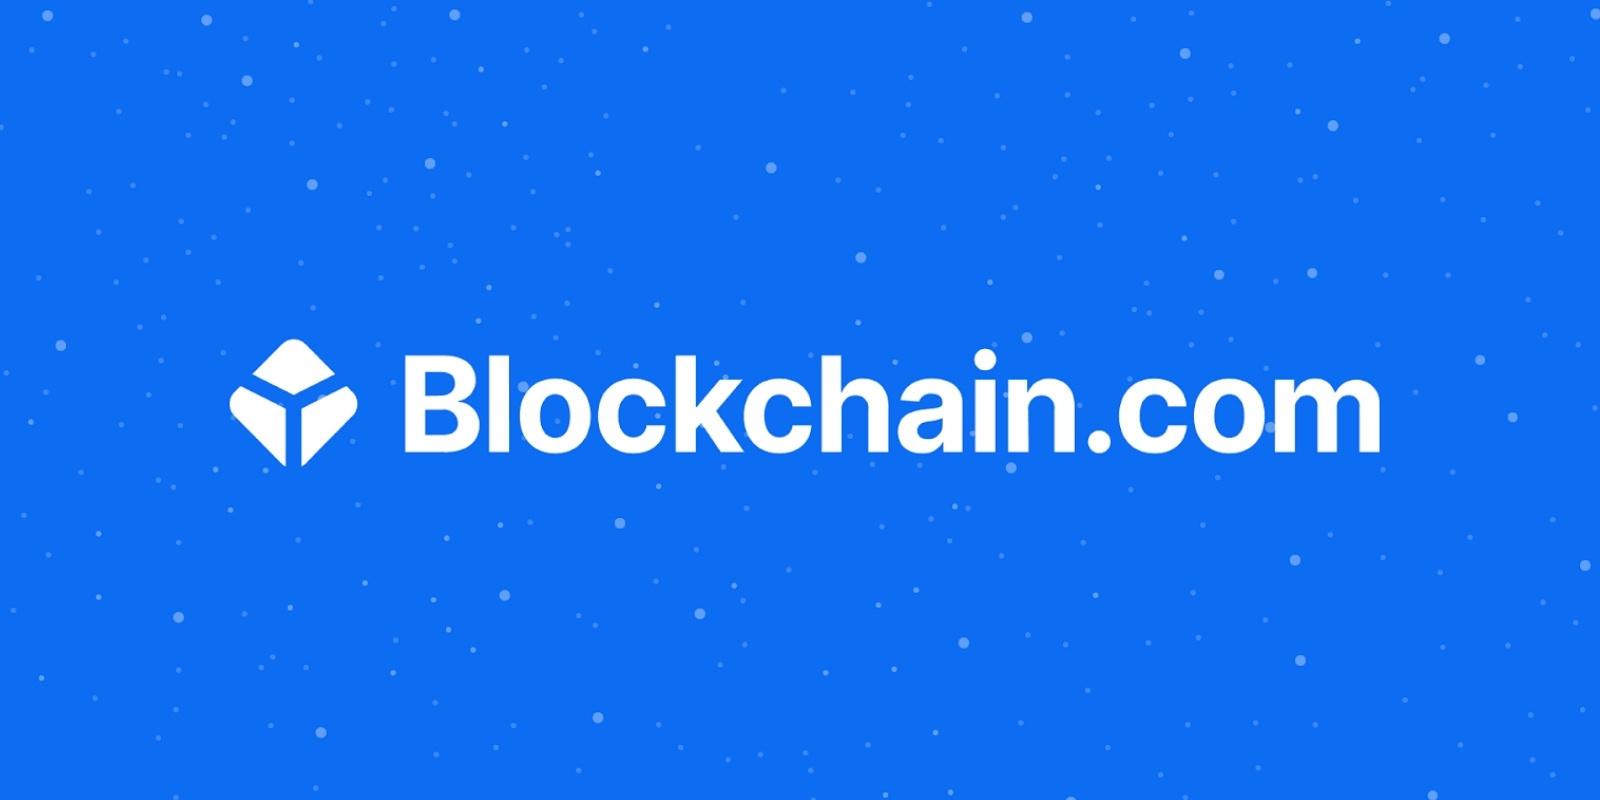 Le service de portefeuilles Blockchain.com lève 120 millions de dollars